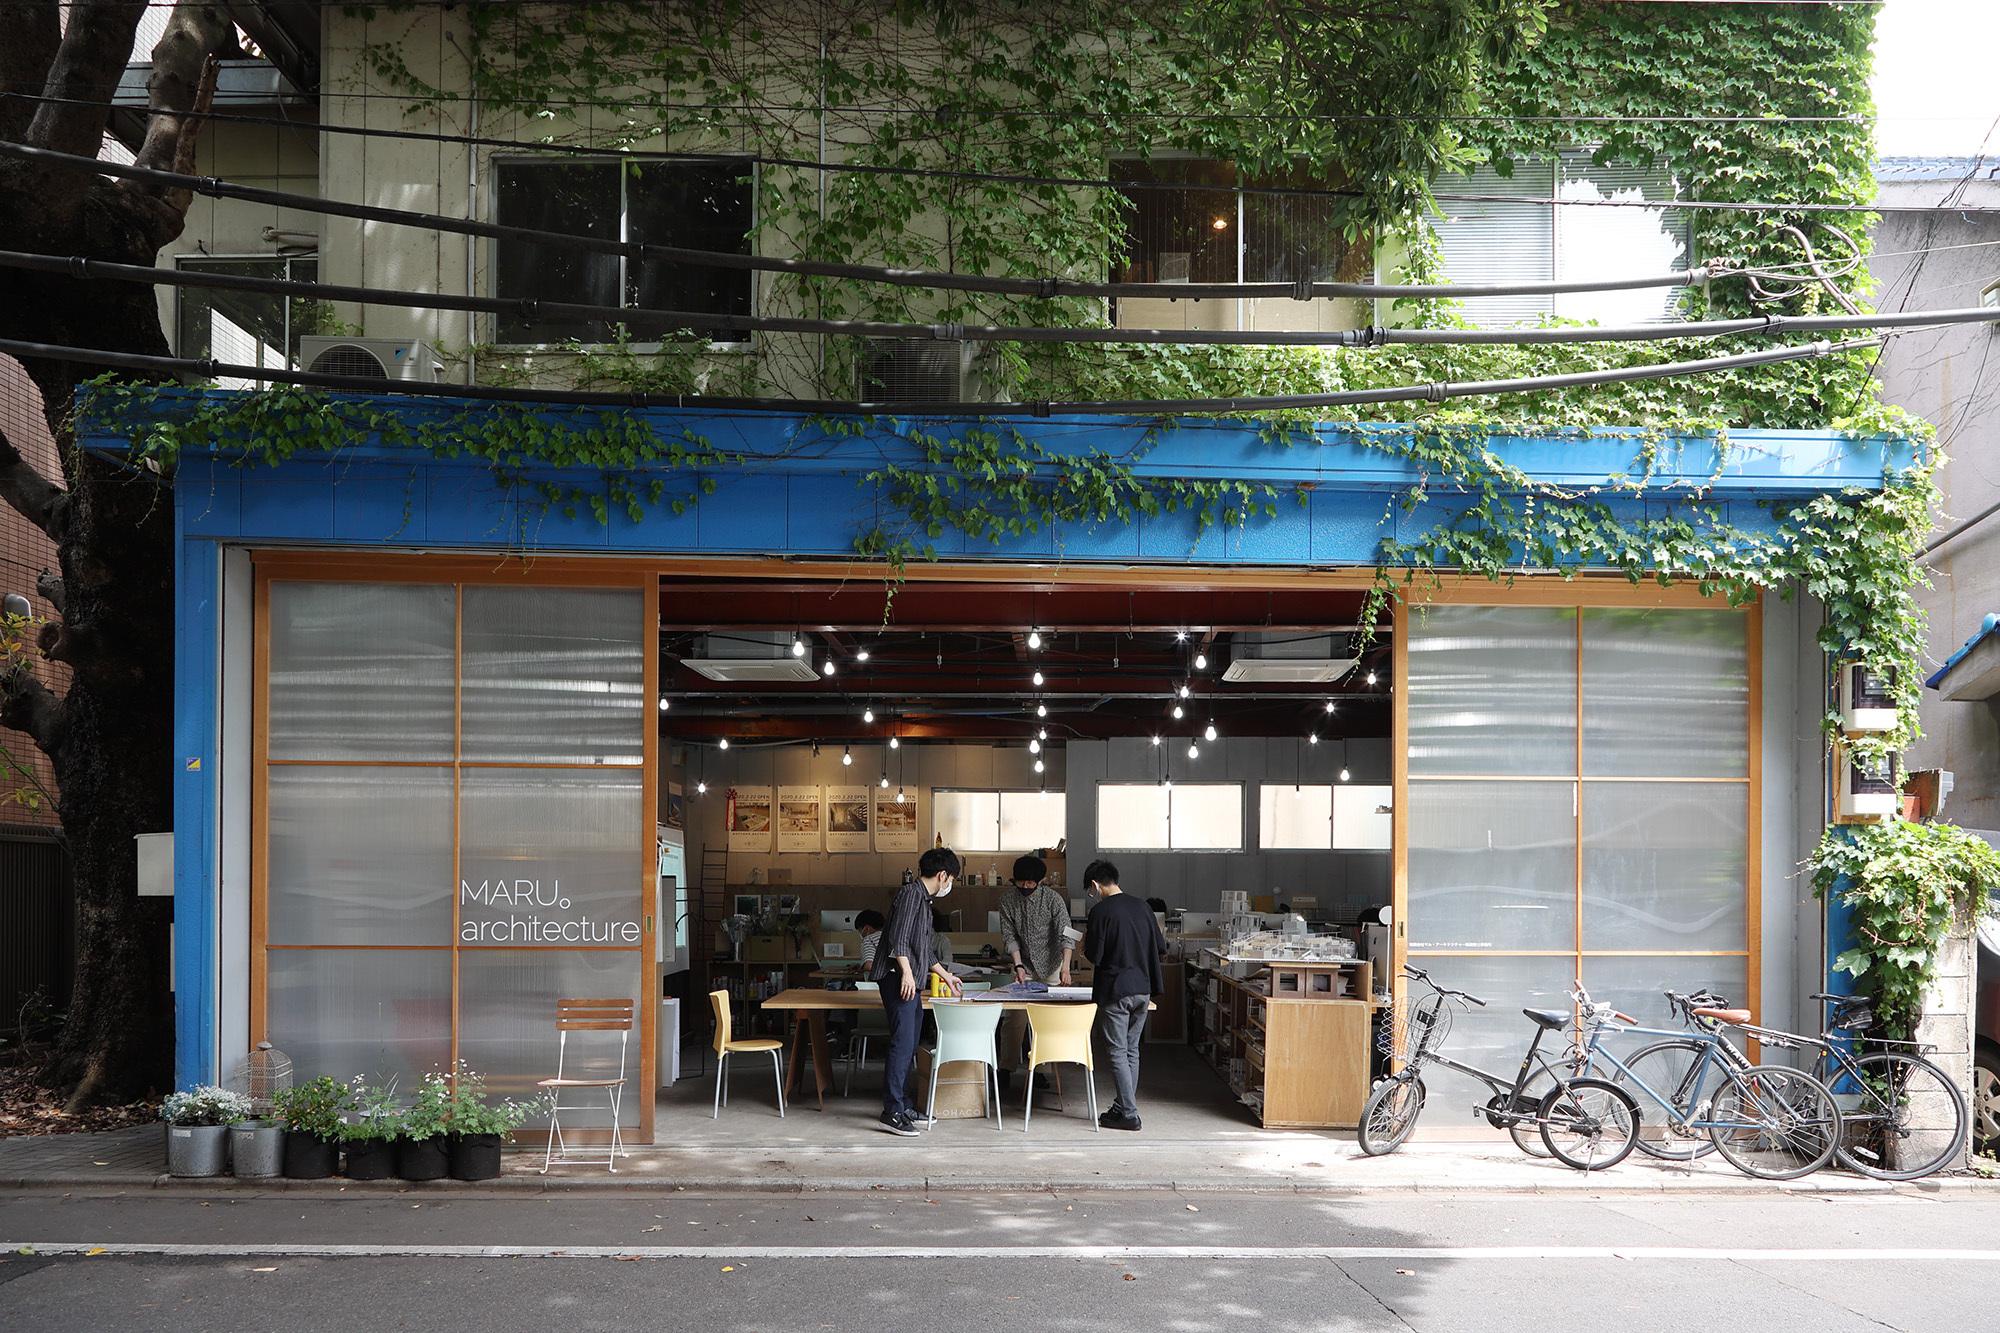 MARU。architecture Uenosakuragi Office / MARU。architecture